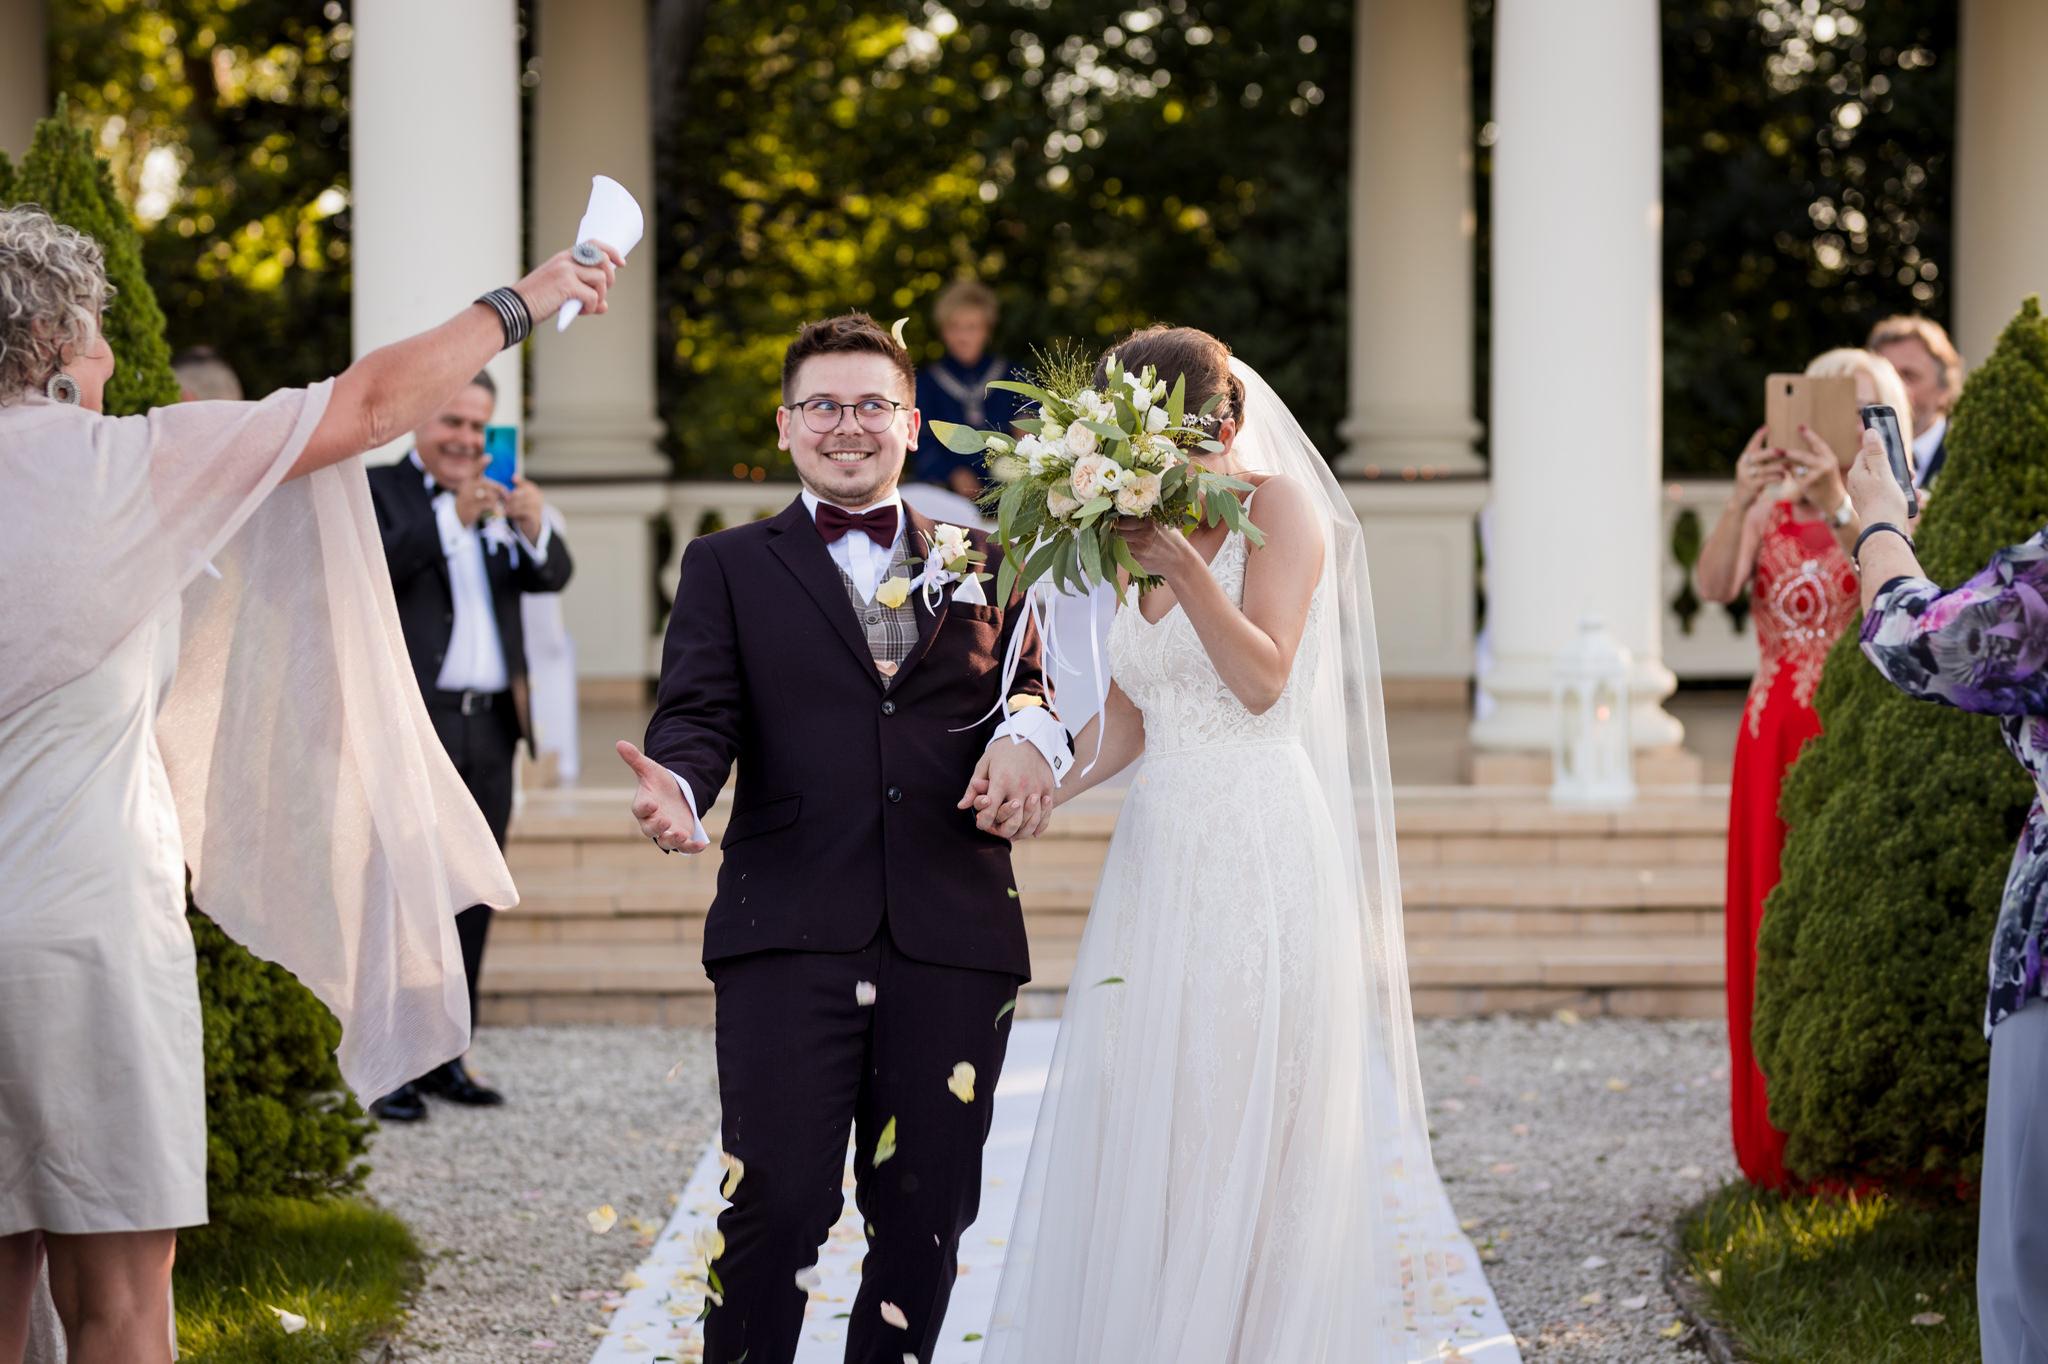 para młoda obrzucona kwiatkami po ślubie